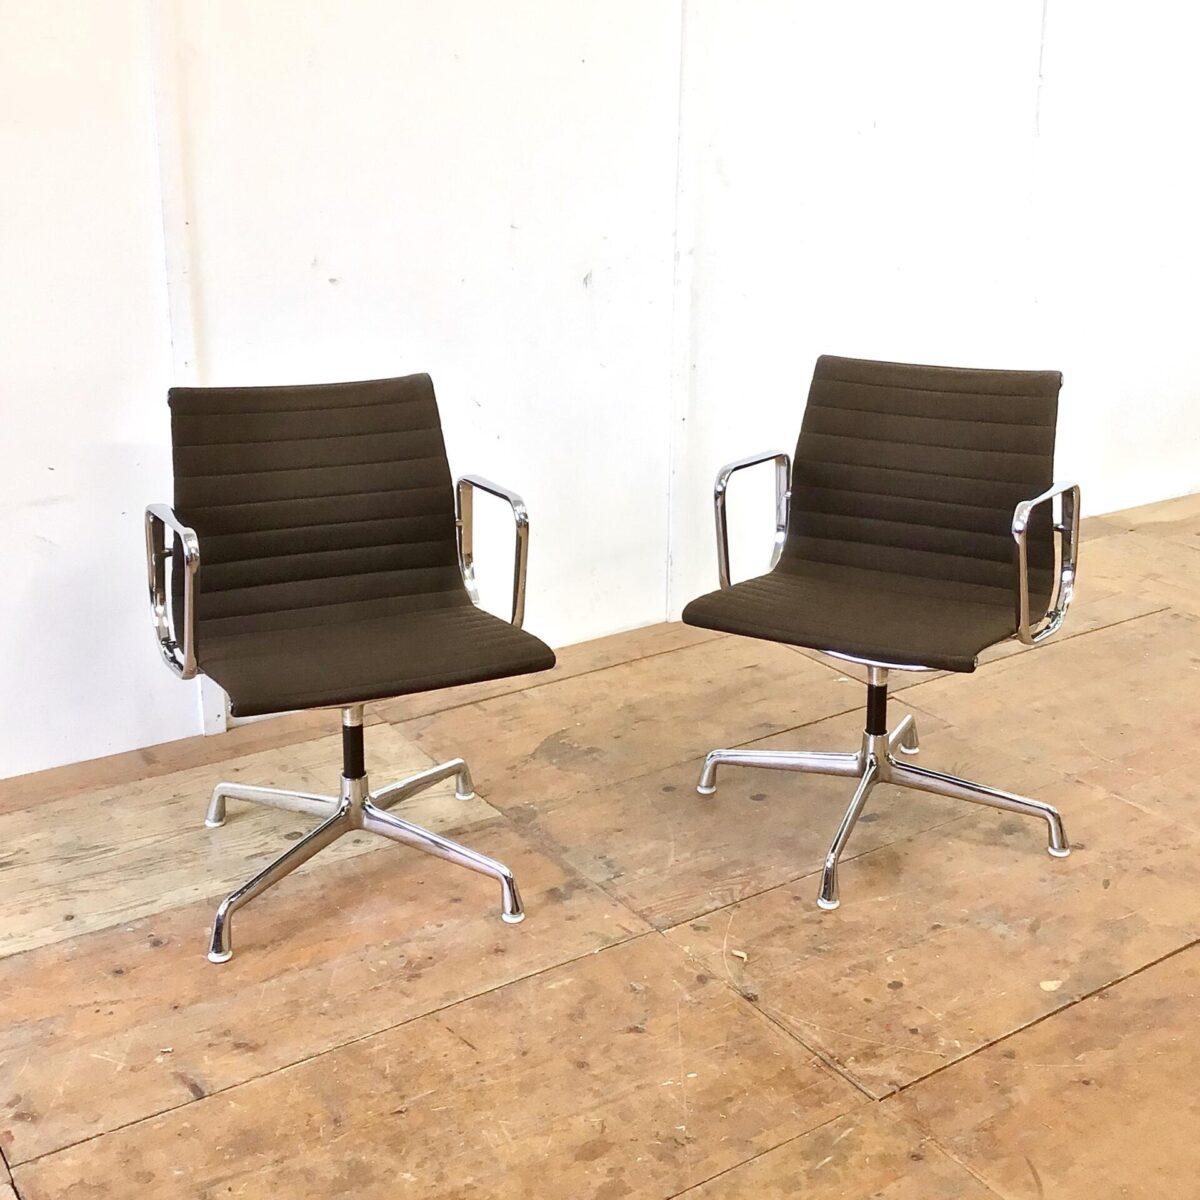 Vitra Aluminium Chair EA 108 von Charles & Ray Eames. Der braune Stoff ist an den Ecken minimal heller. Die verchromten Armlehnen haben ein paar Kratze, ansonsten sind die Sessel in sehr gepflegten, sauberen Zustand. Preis pro Stuhl.